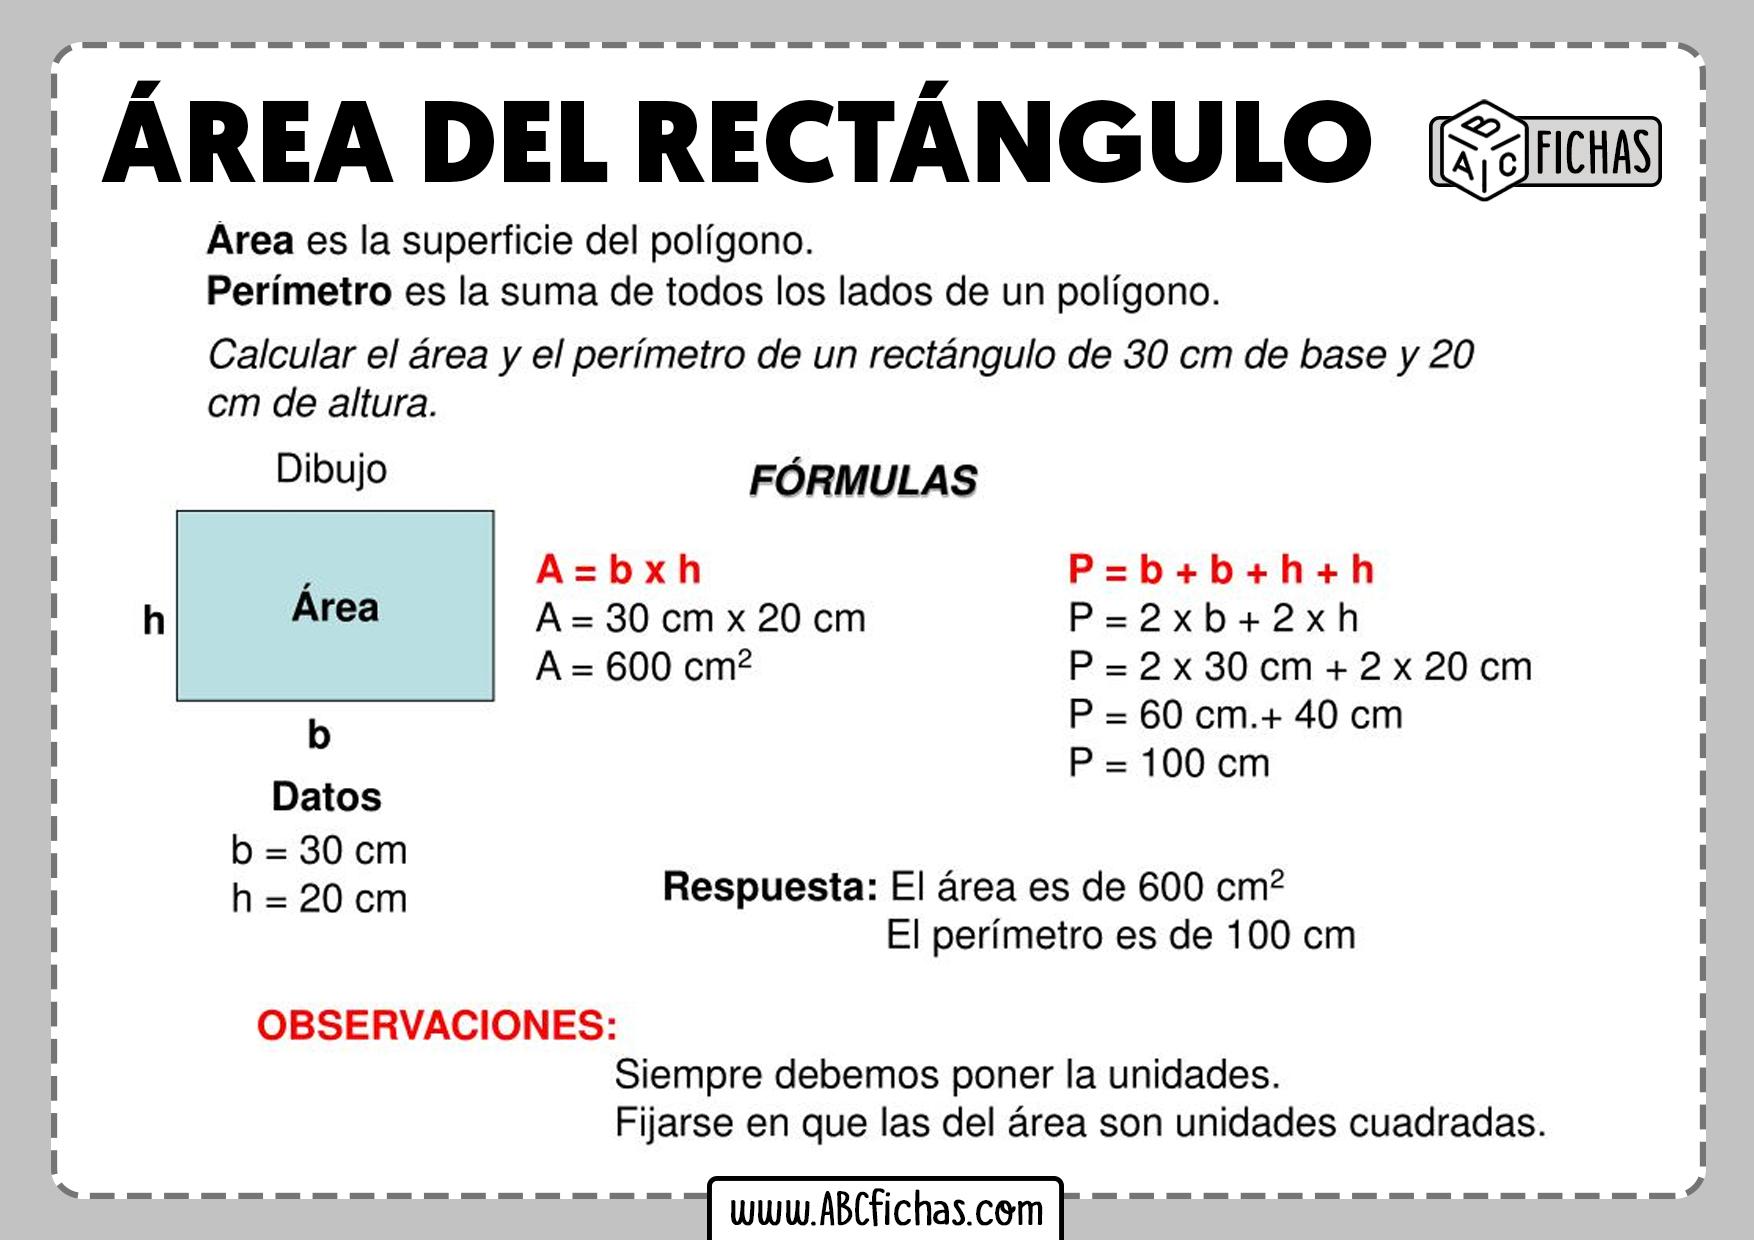 Como se calcula el area del rectangulo